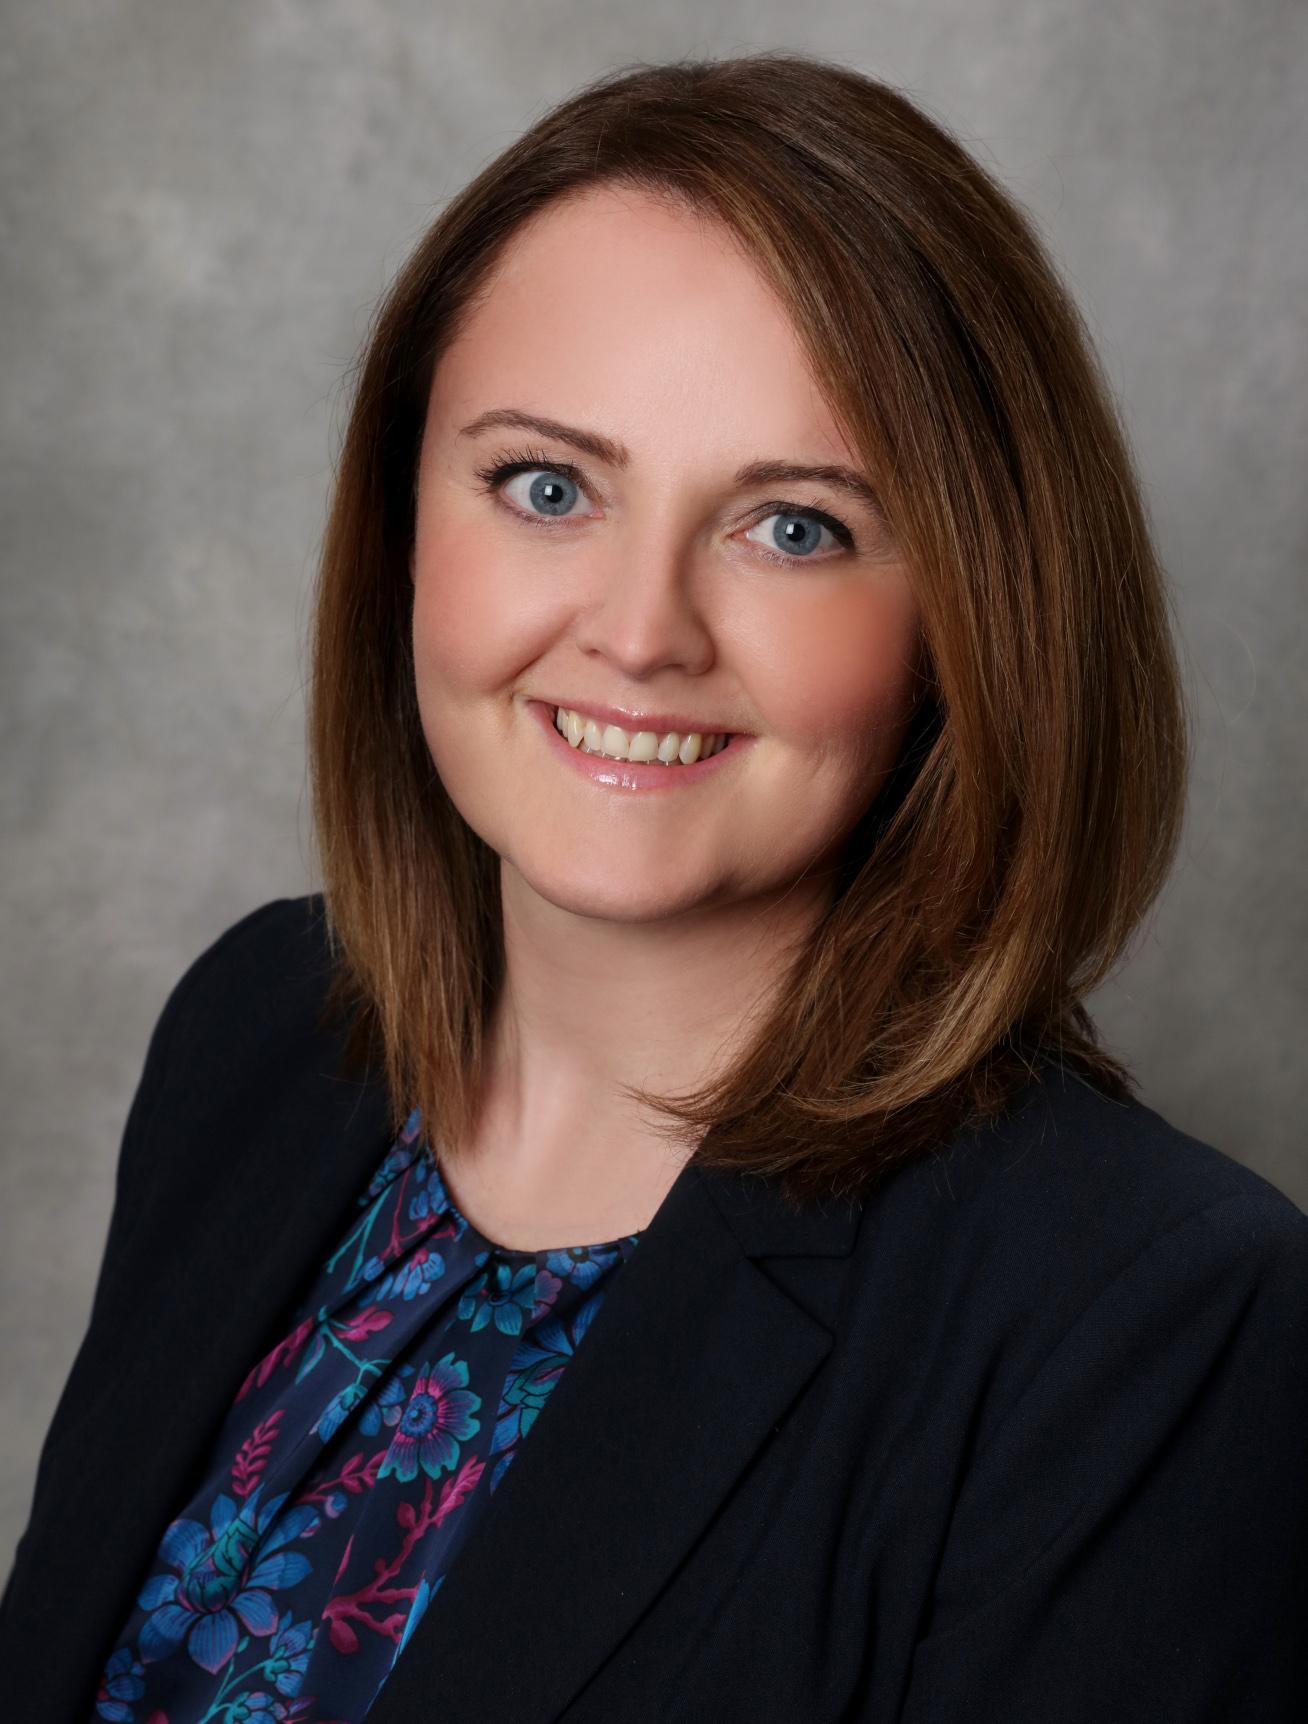 Prairie Welcomes Rebecca McElwain